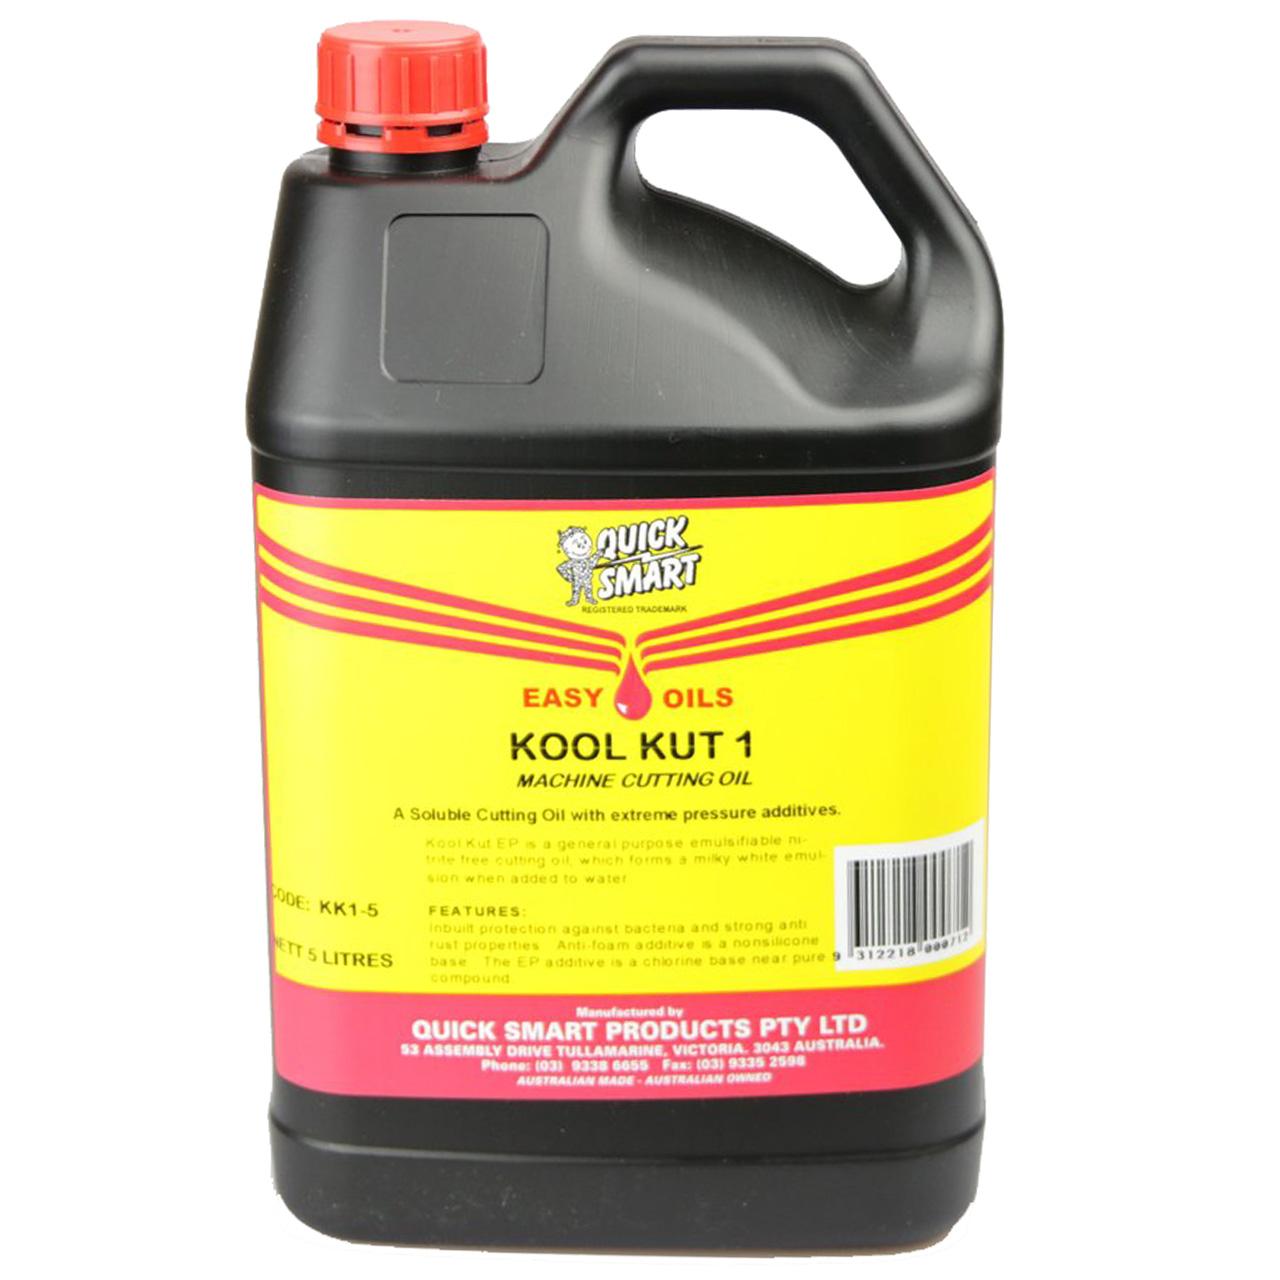 Quick Smart KK1-5 Kool Kut Machine Cutting Oil 5L